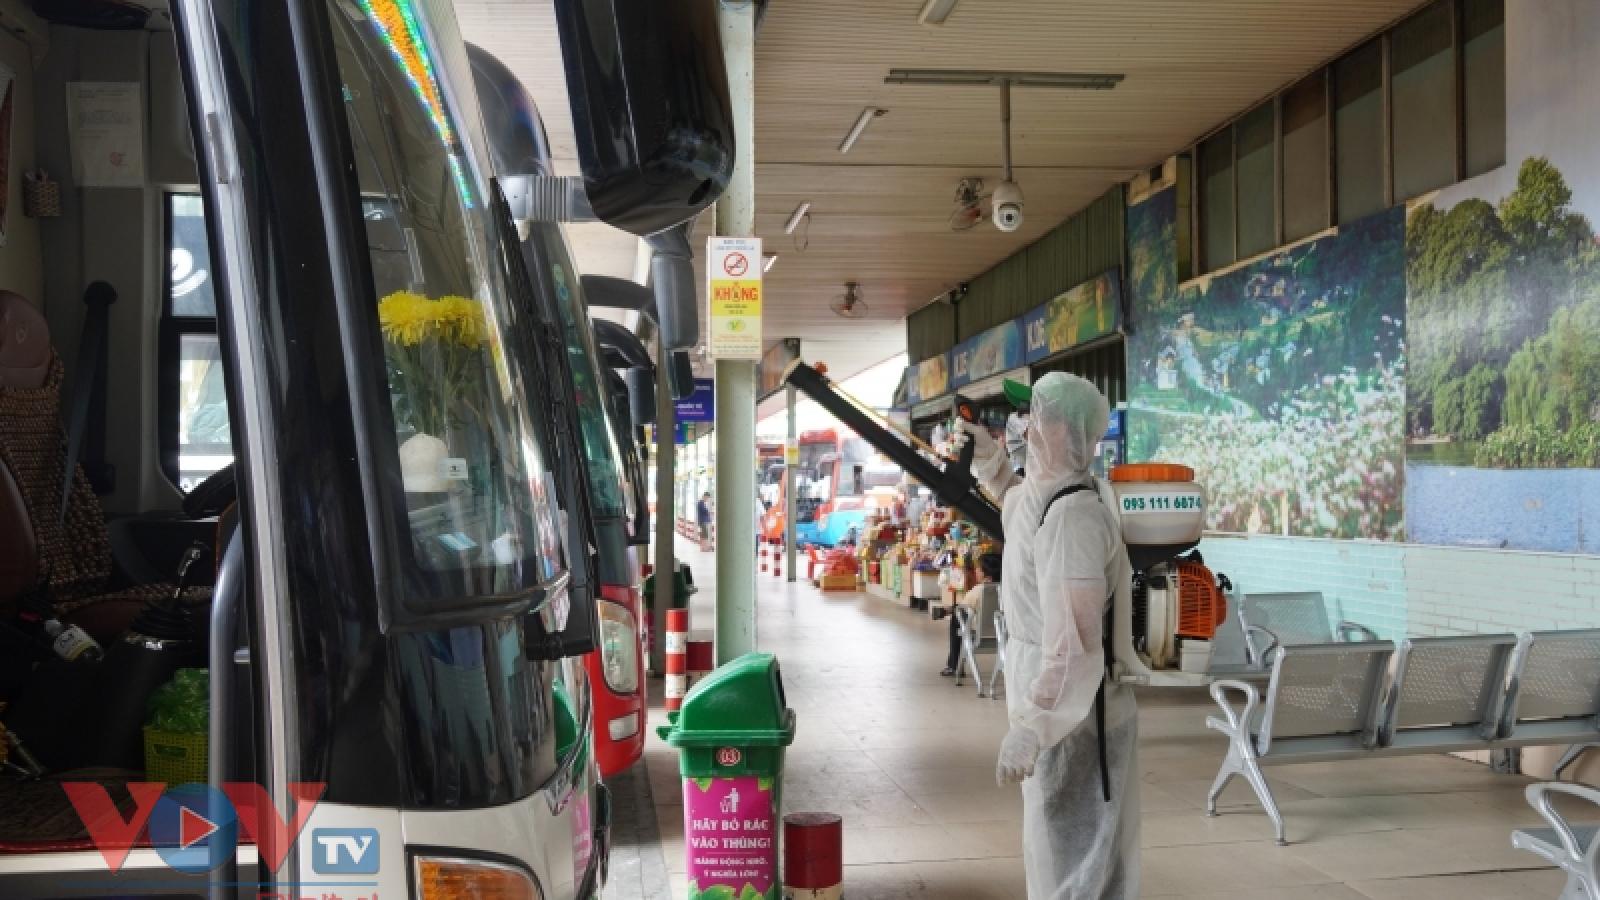 CDC Hà Nội thông báo khẩn tìm người trên chuyến xe từ TP.HCM ra Hà Nội